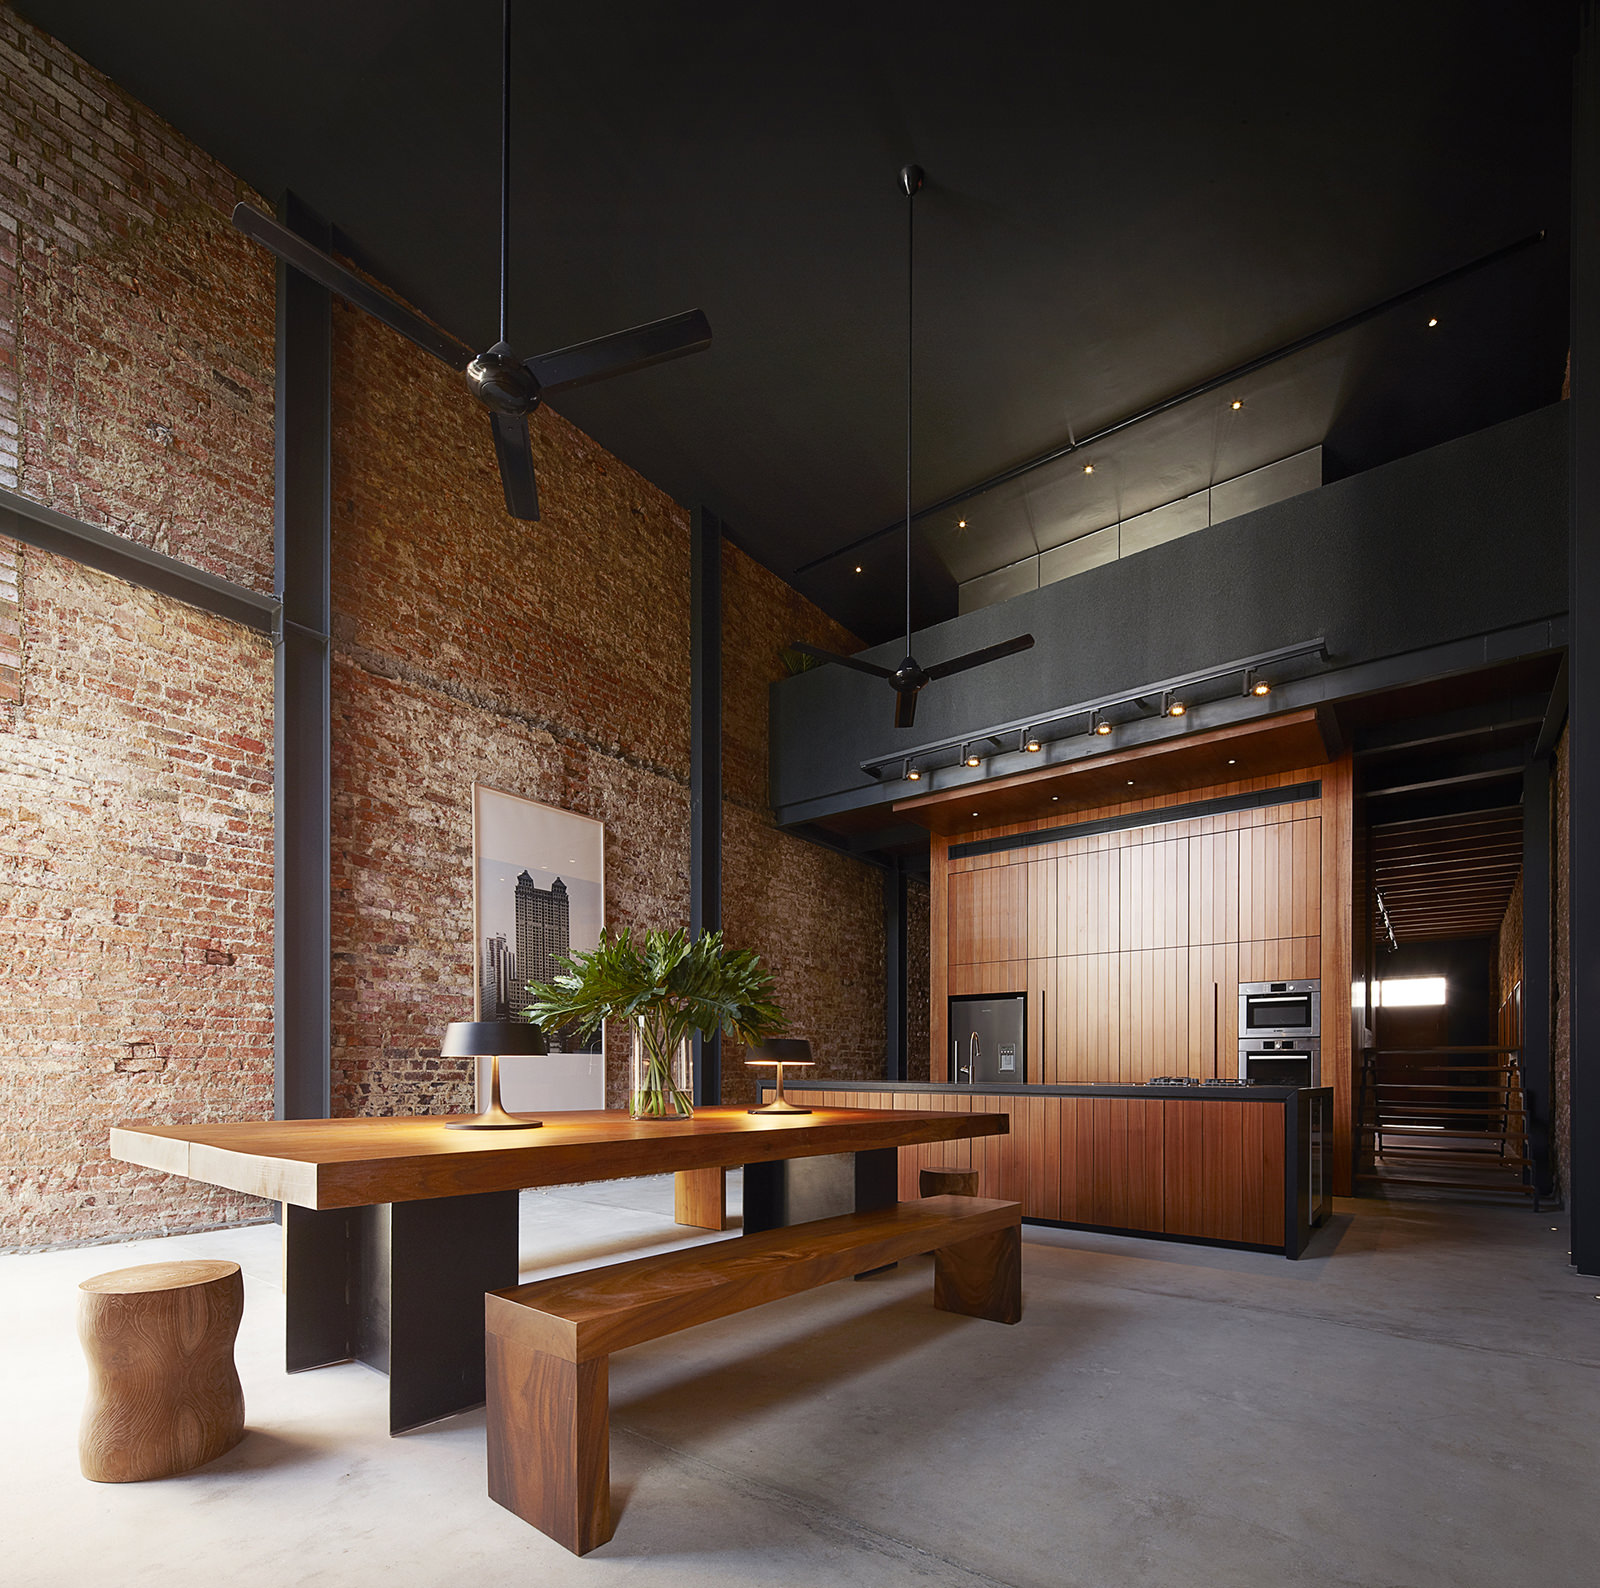 Темный потолок: применение в интерьере, основные правила (27 фото)